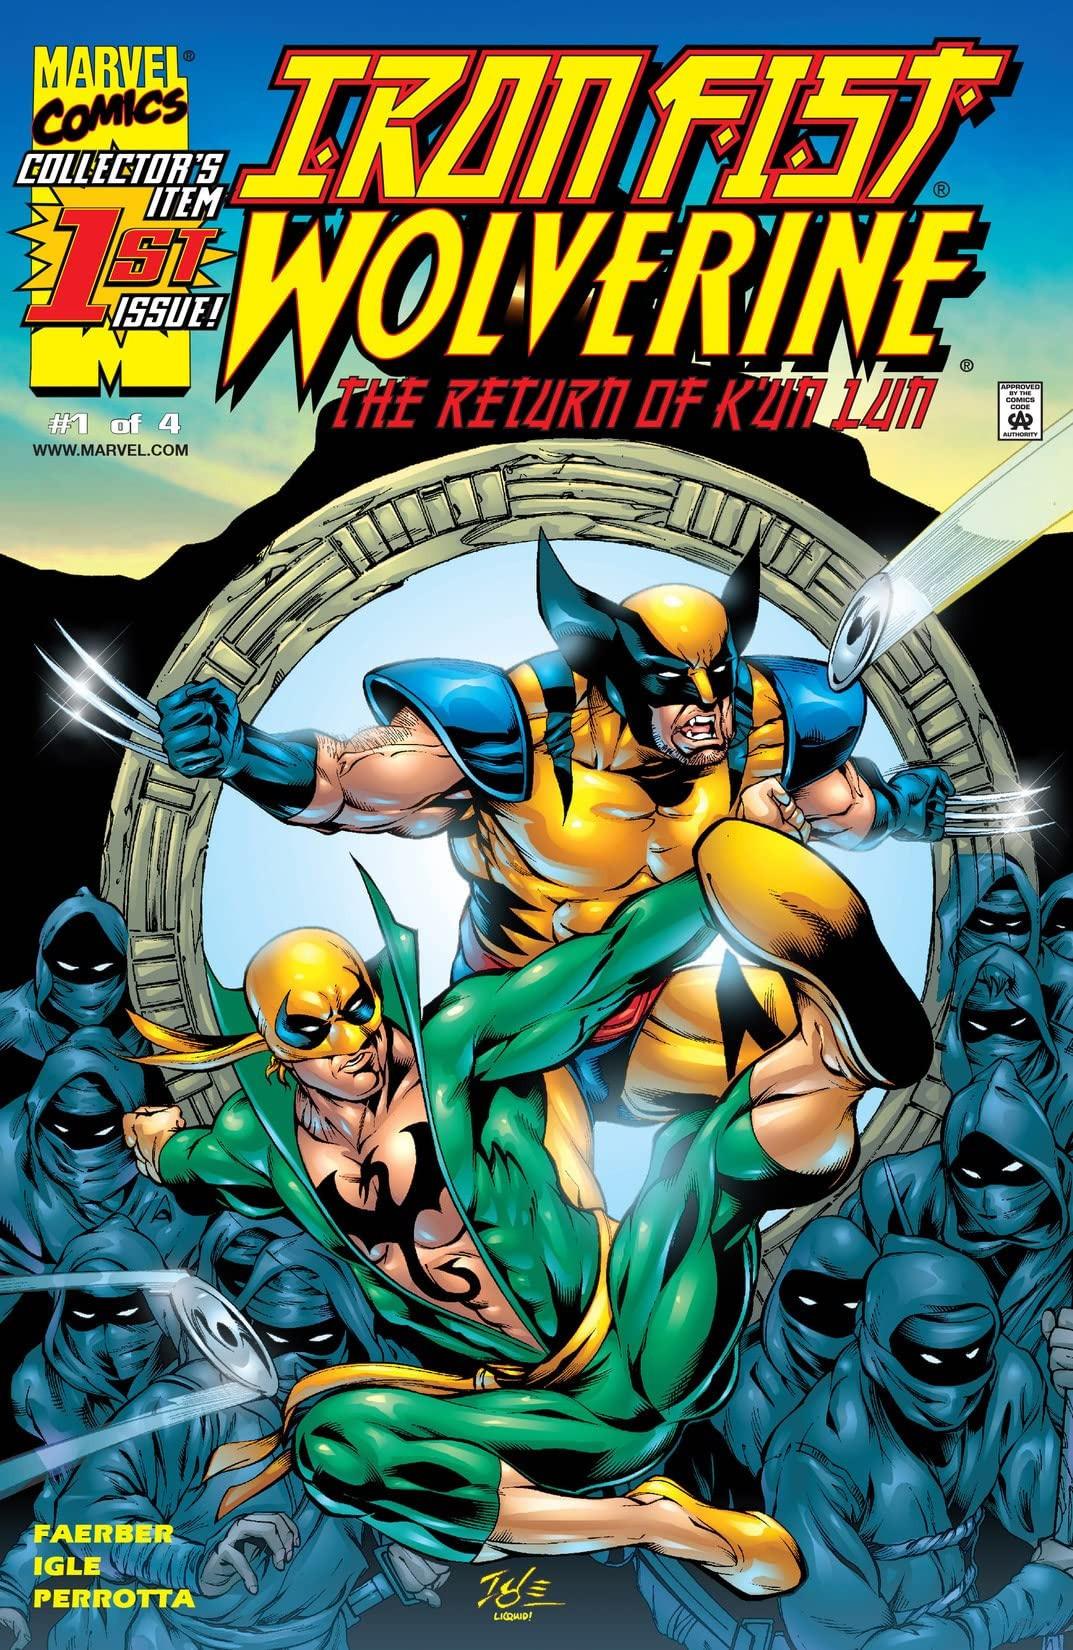 Iron Fist: Wolverine Vol 1 1